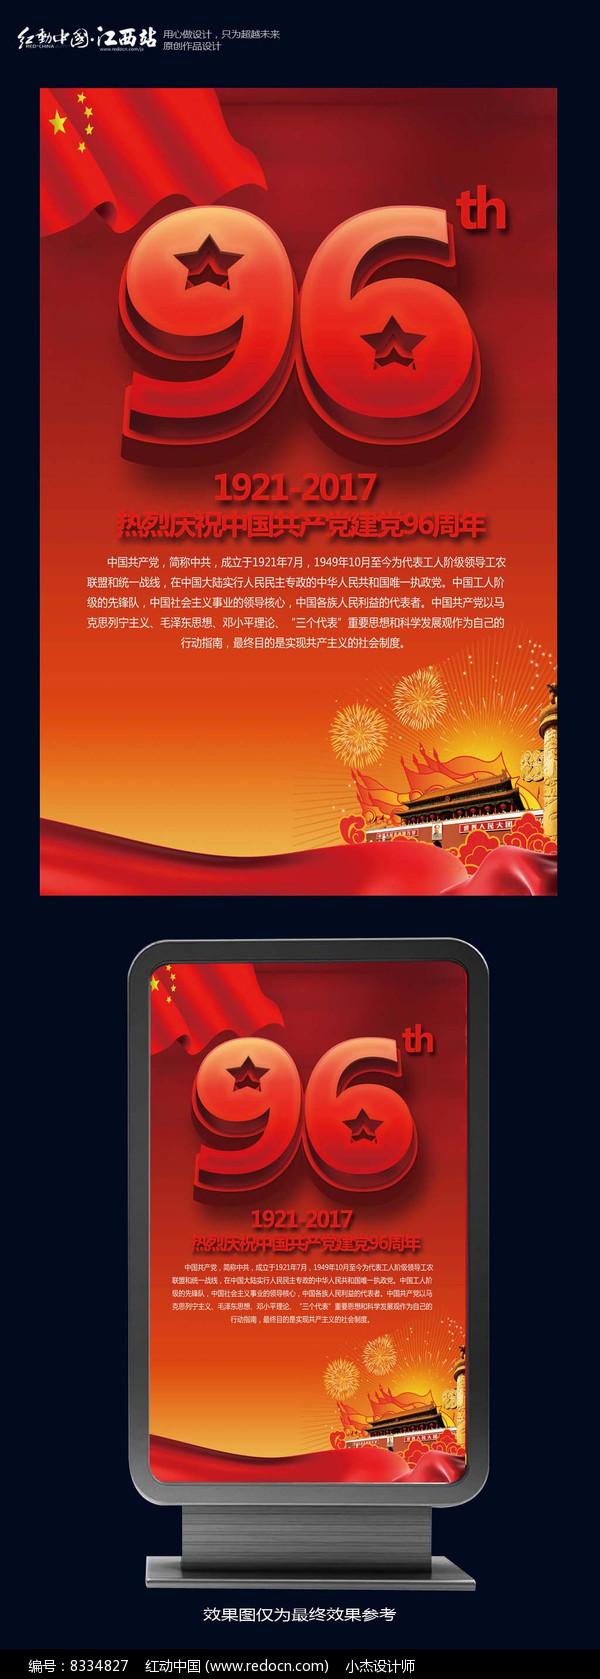 简约建党96周年海报设计图片